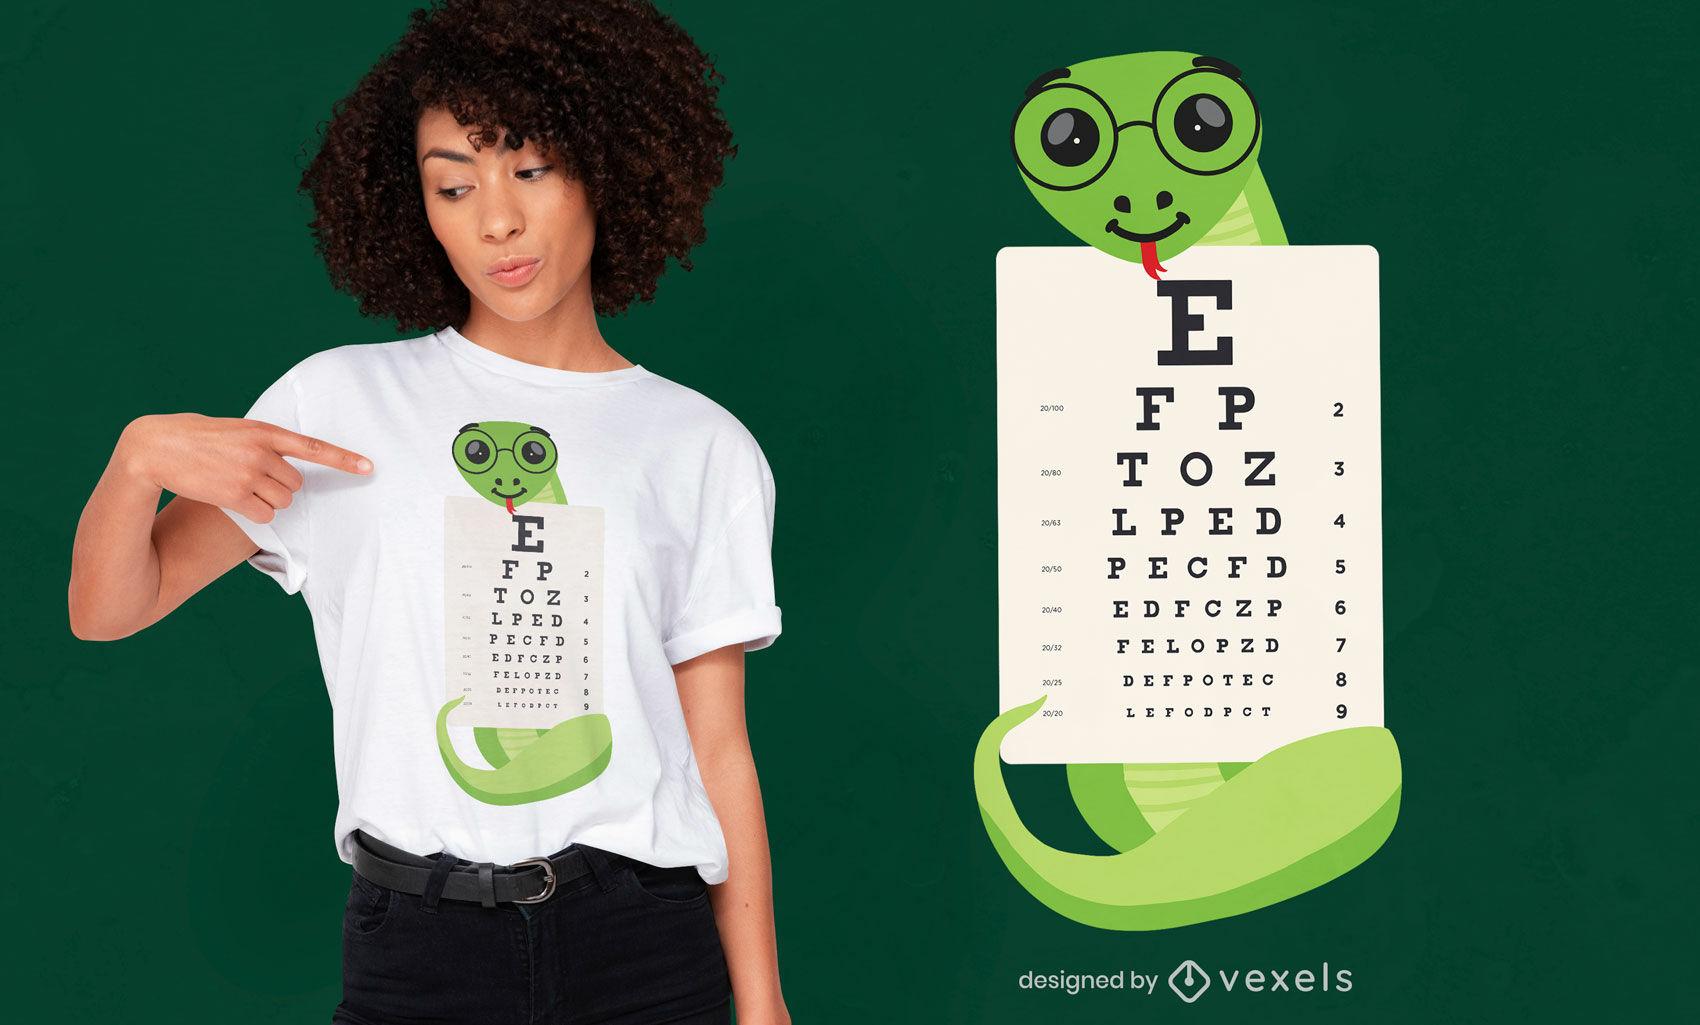 Serpiente con dise?o de camiseta de gr?fico optom?trico